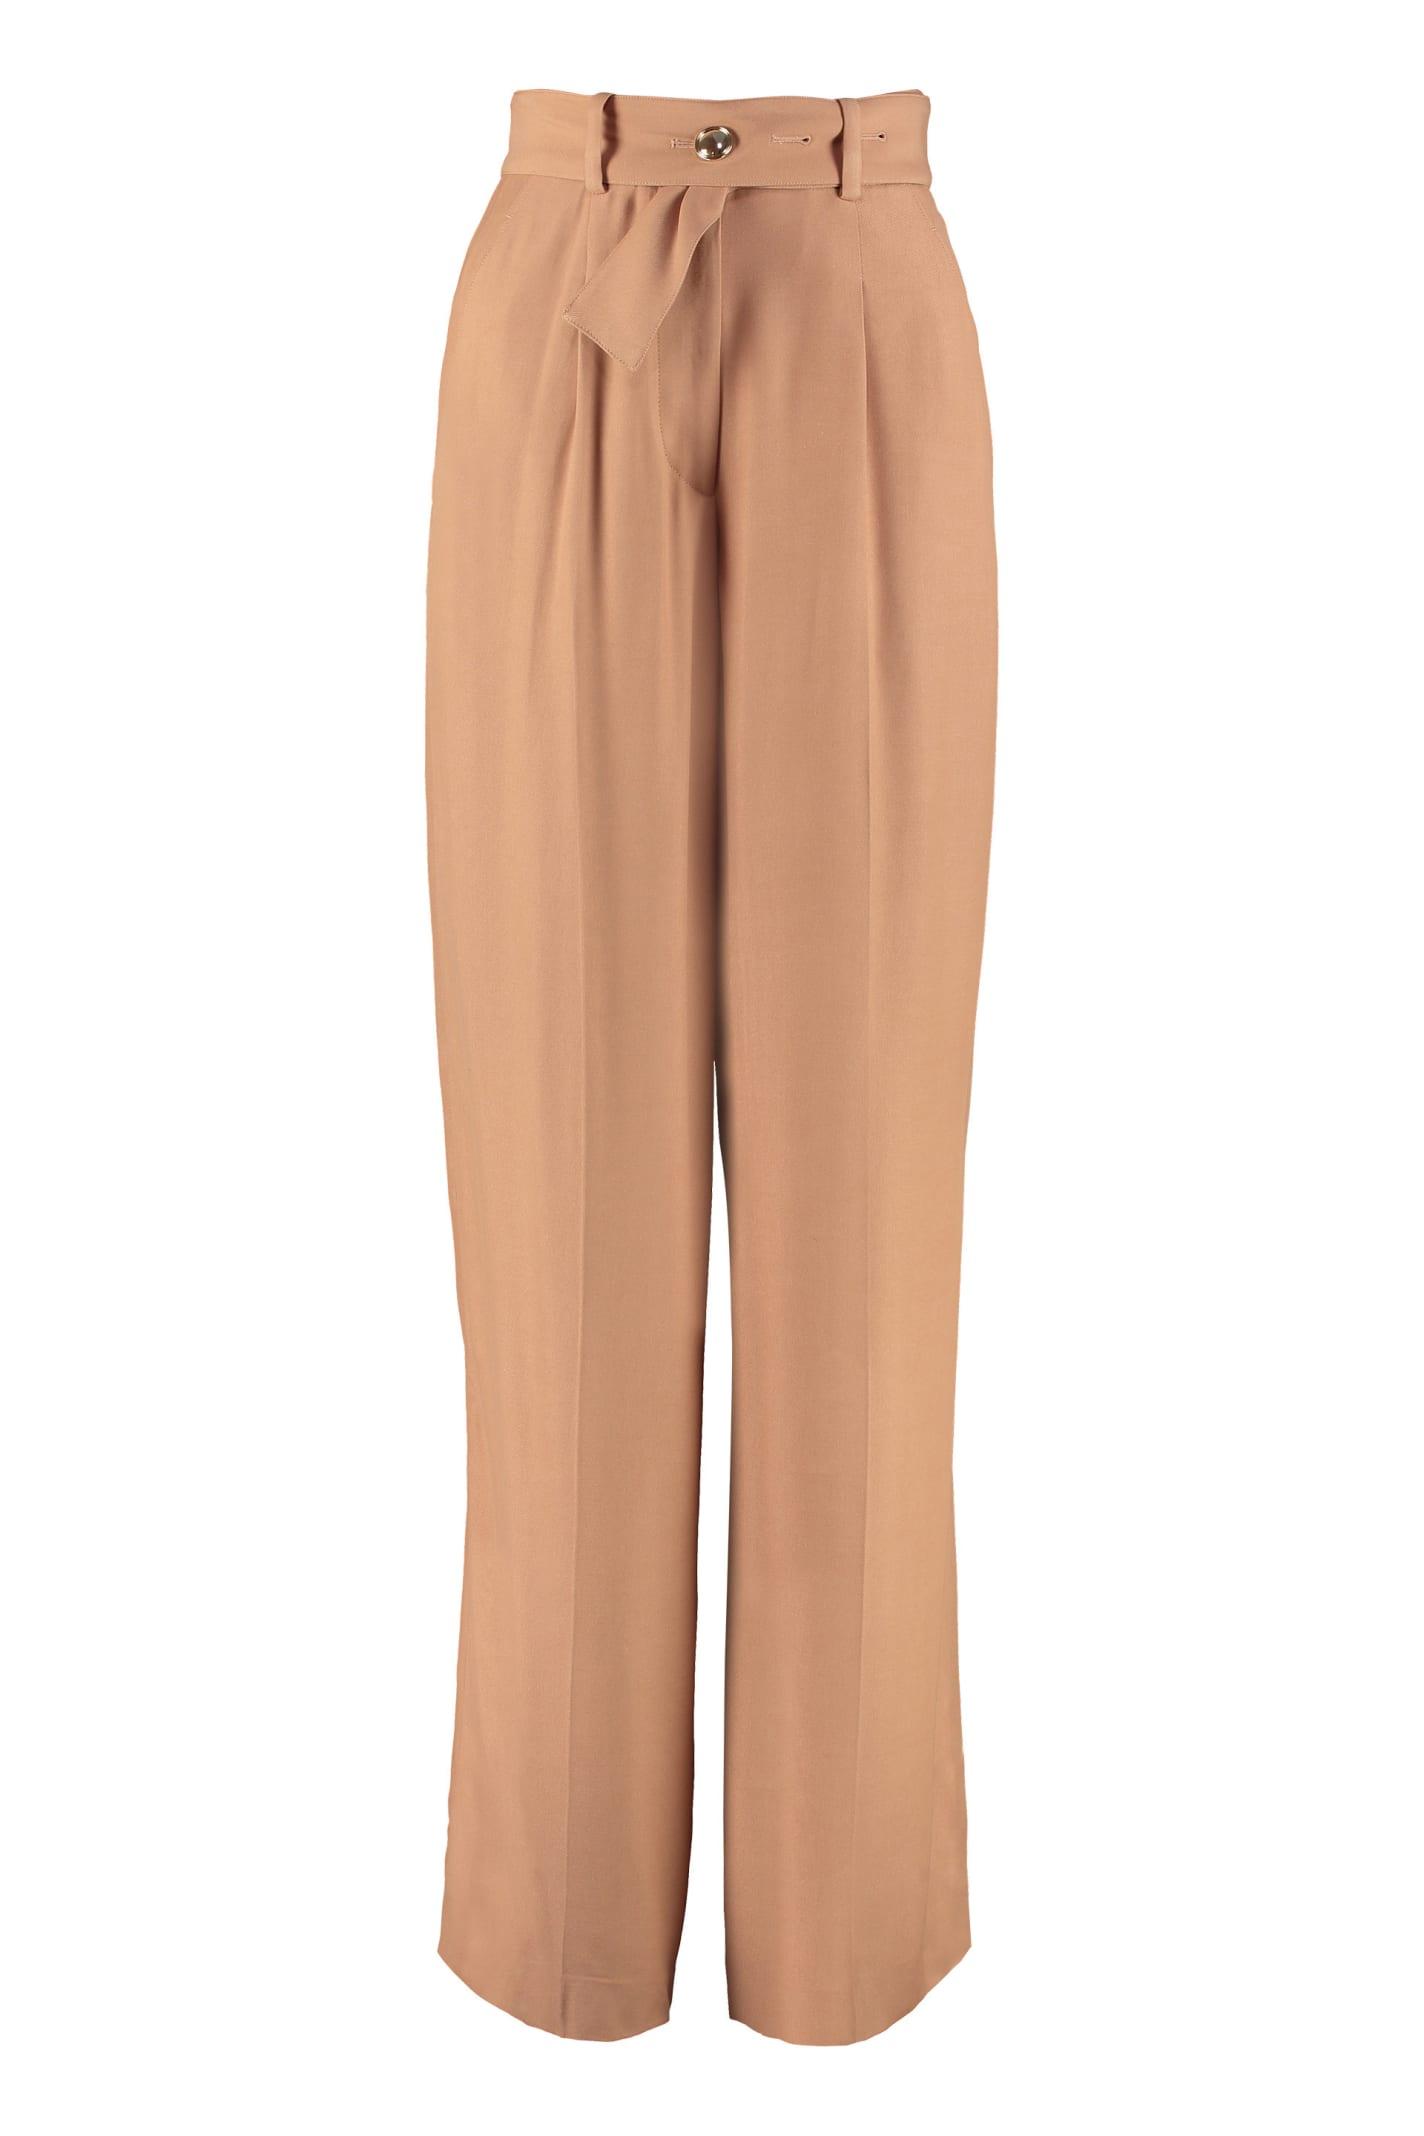 IRO Hastro Wide-leg Trousers